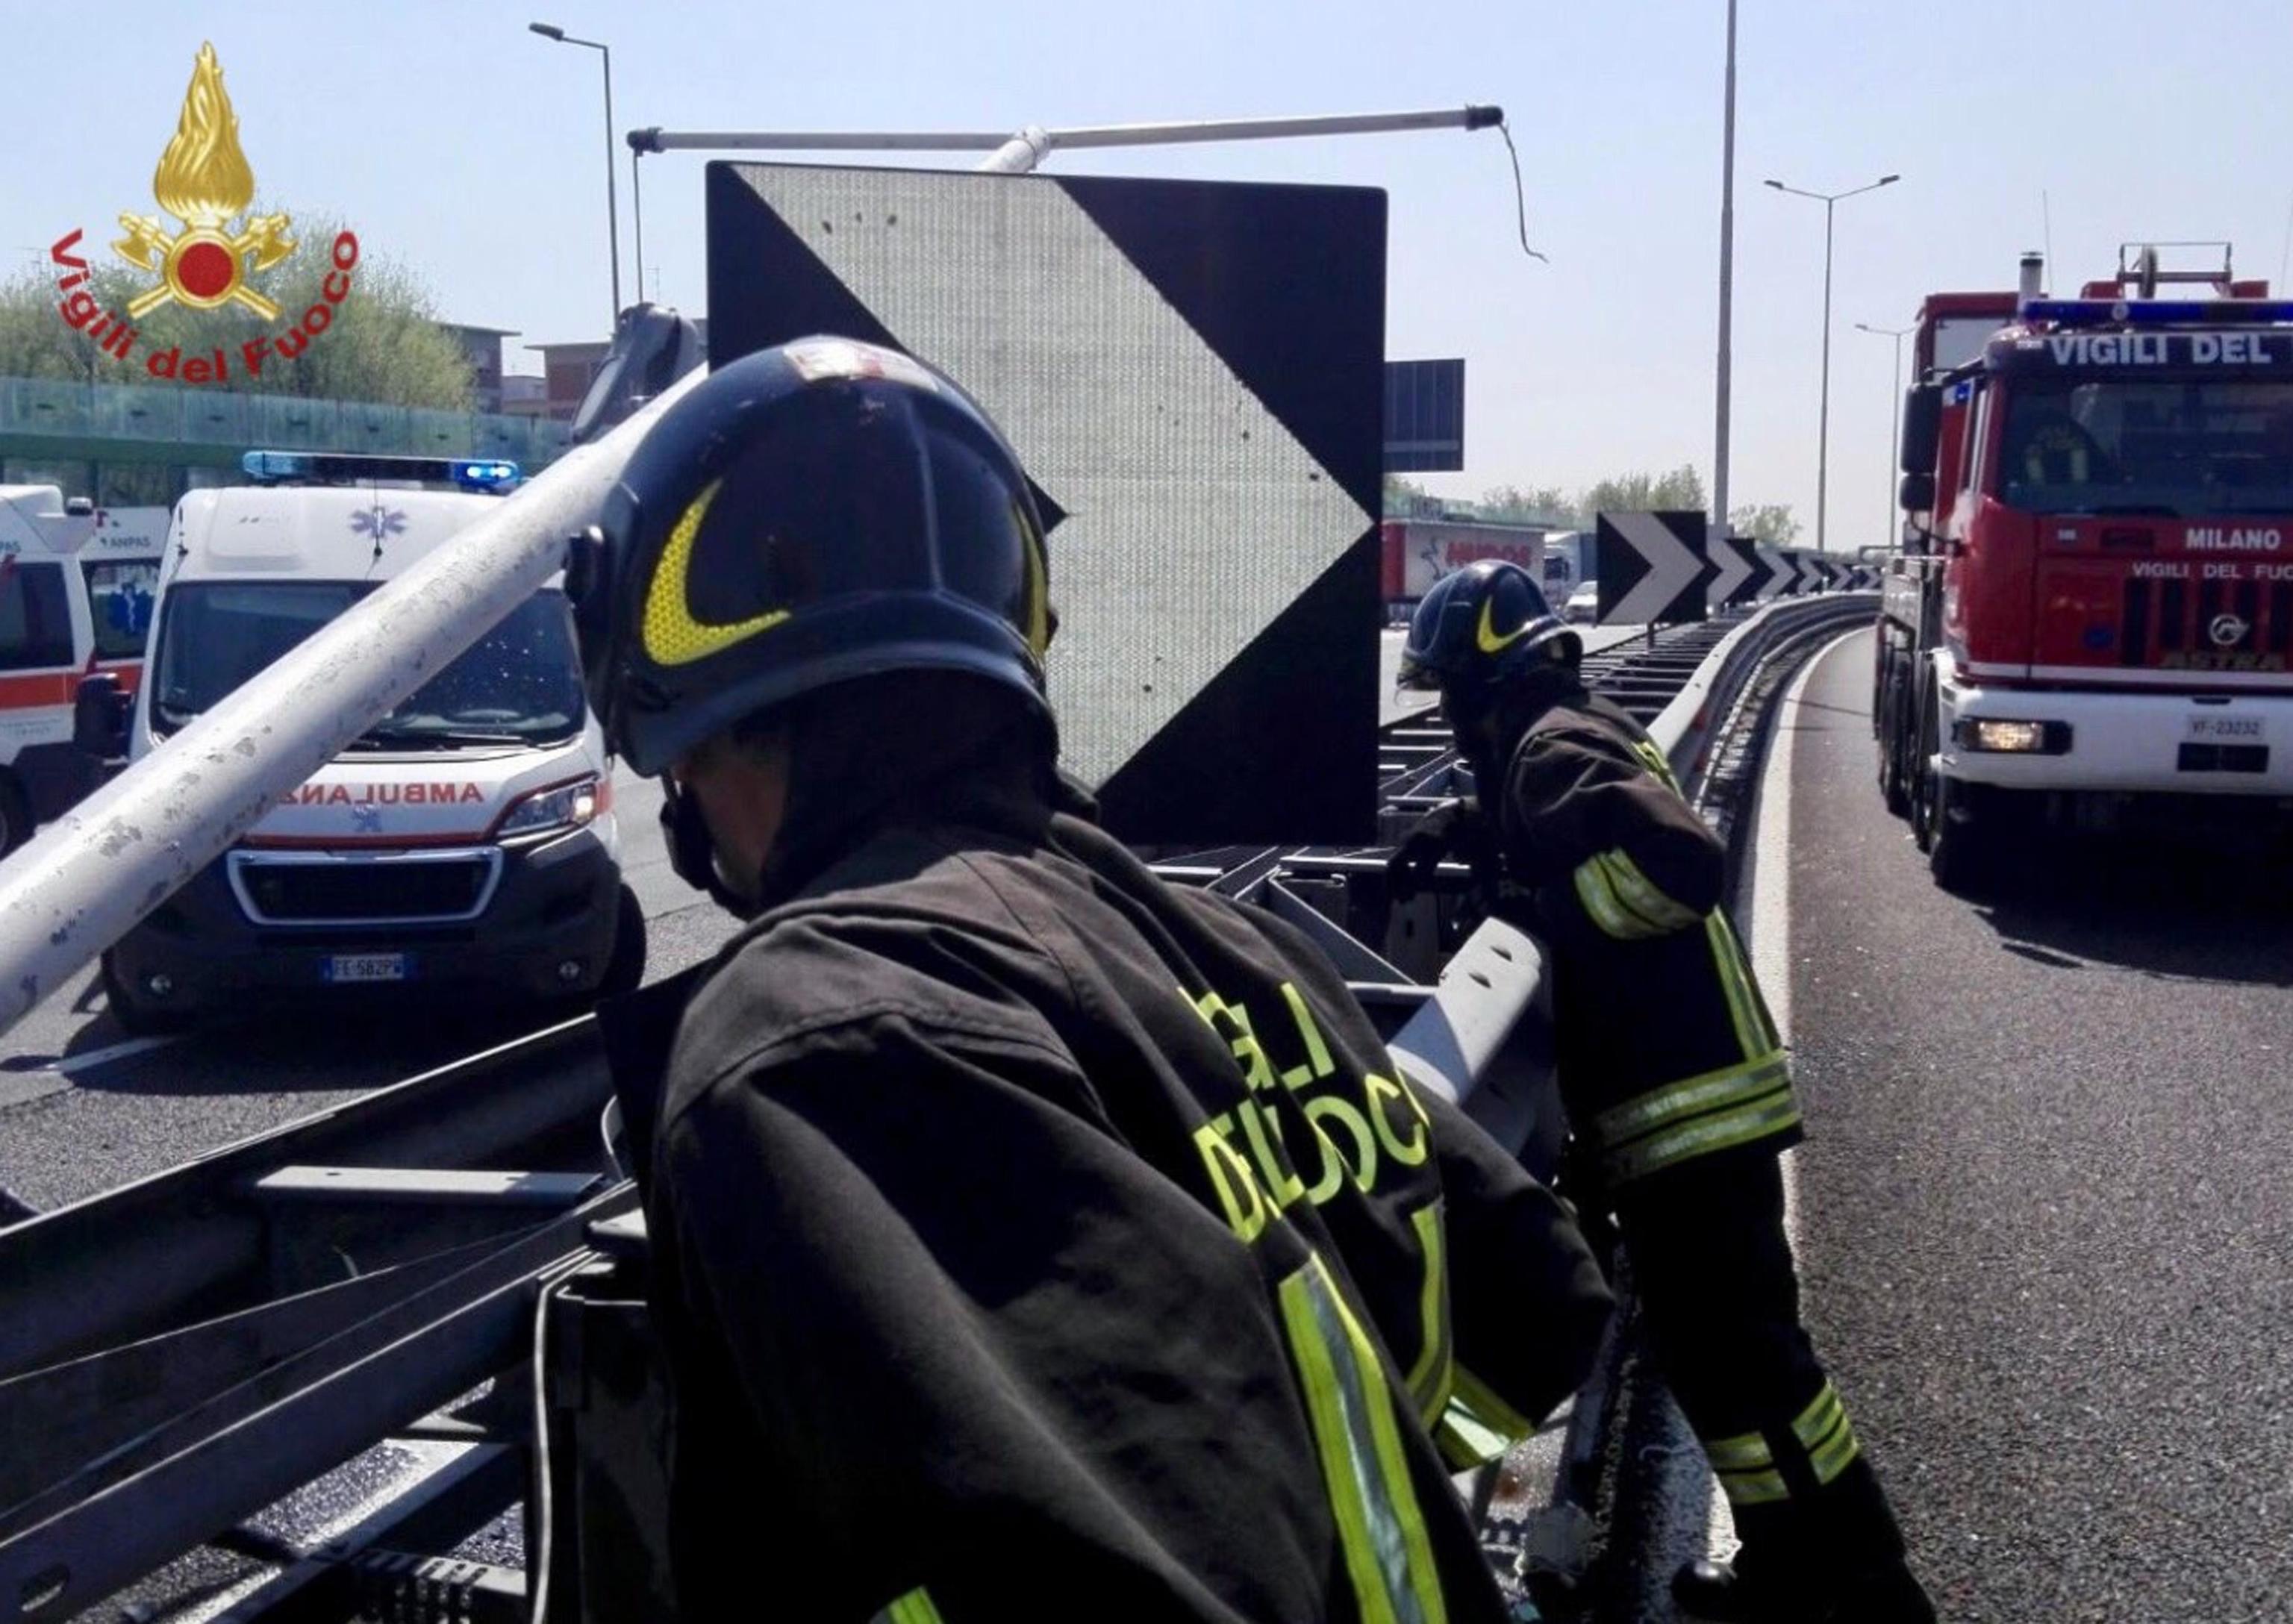 incidente stradale a Foggia, tir contro furgone muoiono 11 migranti